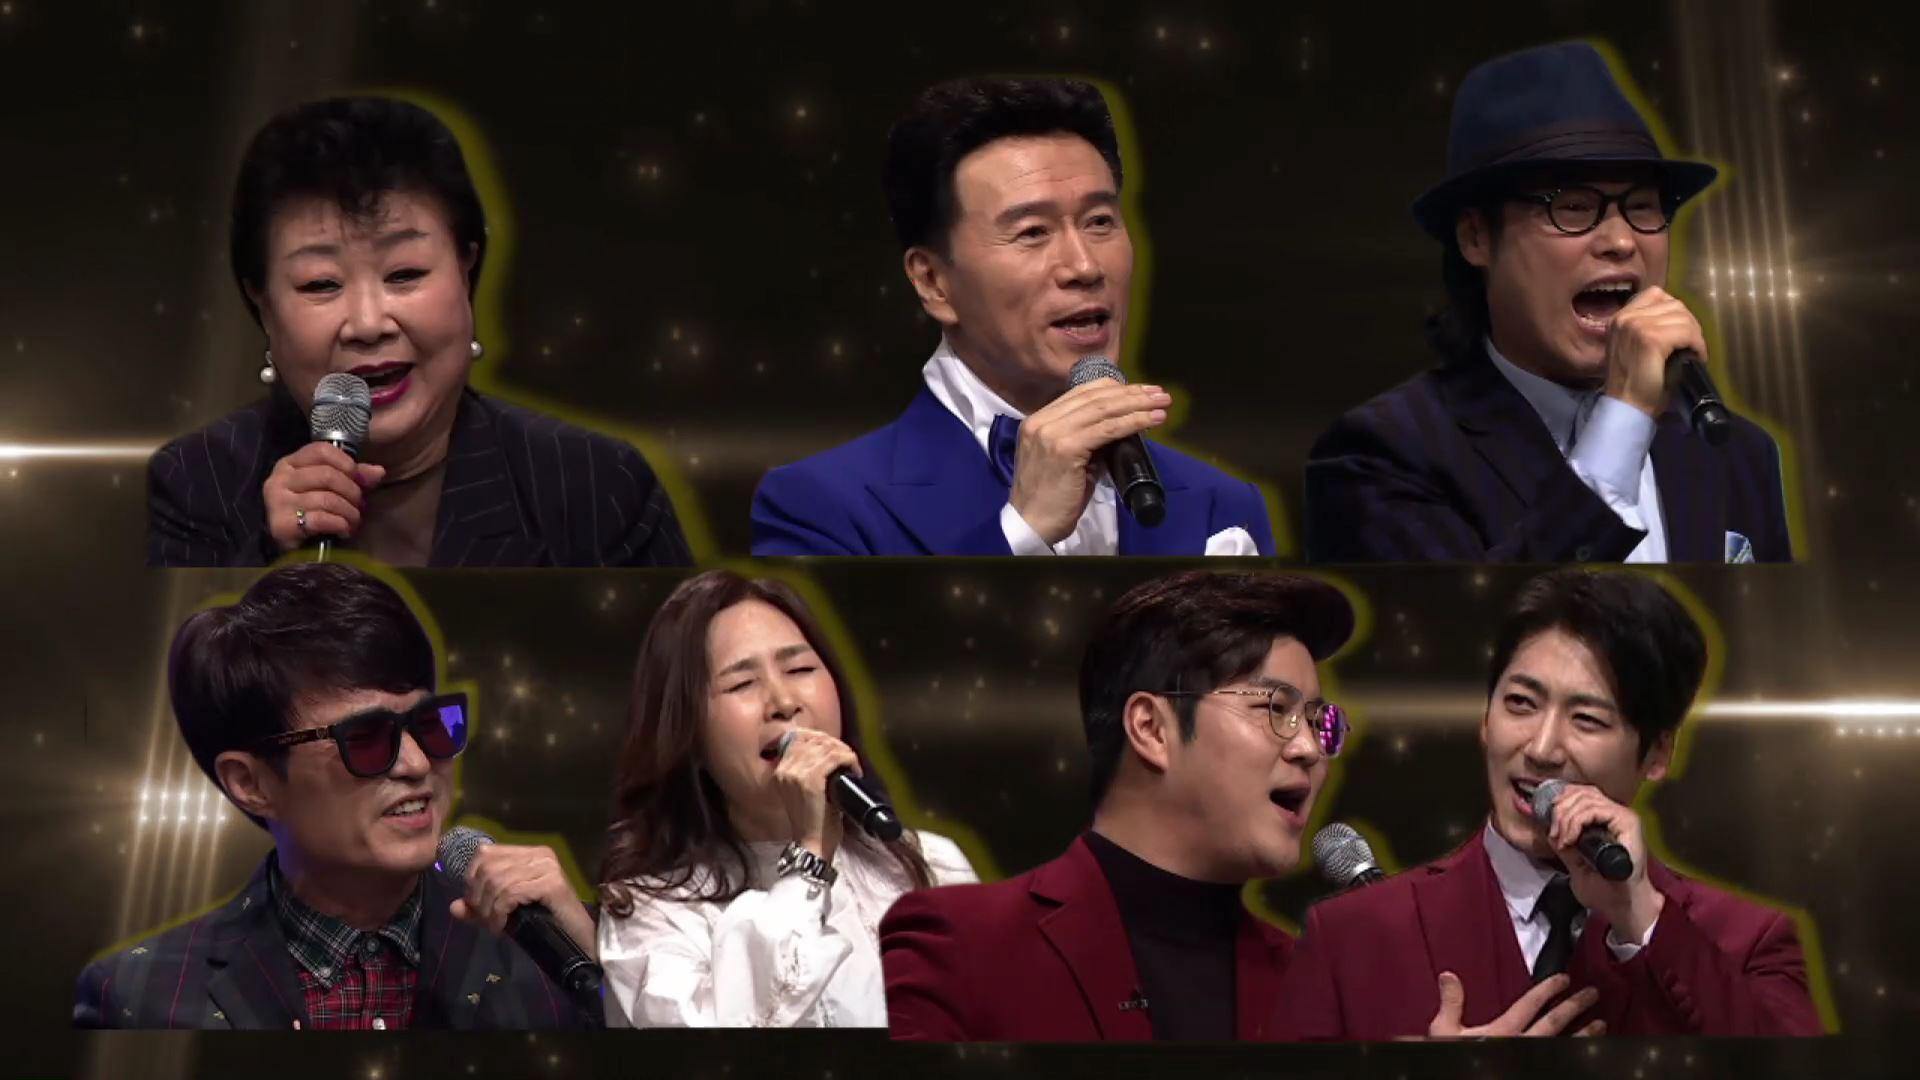 〈트로트 특집〉 트로트 가수들의 흥겨운 무대_얼마예요? 124회 예고1 이미지